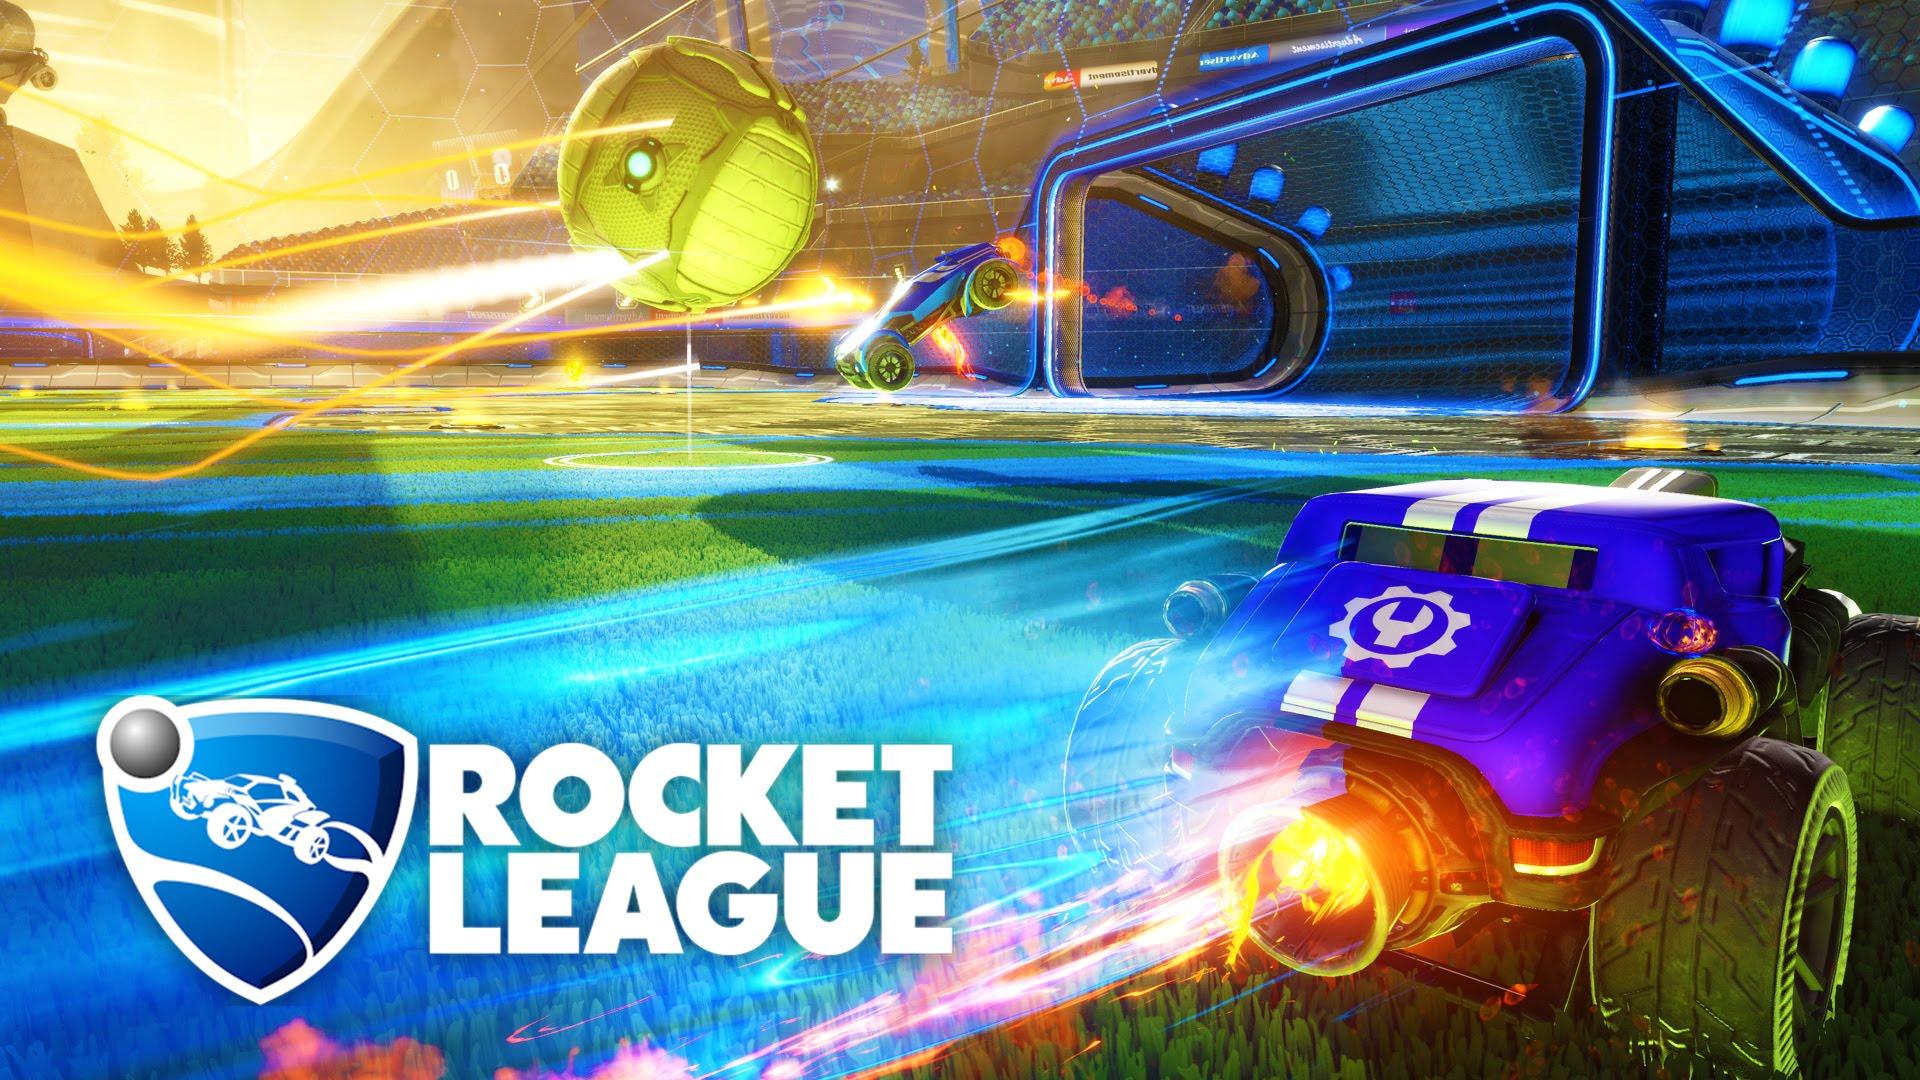 rocket league wallpaper hd 61734